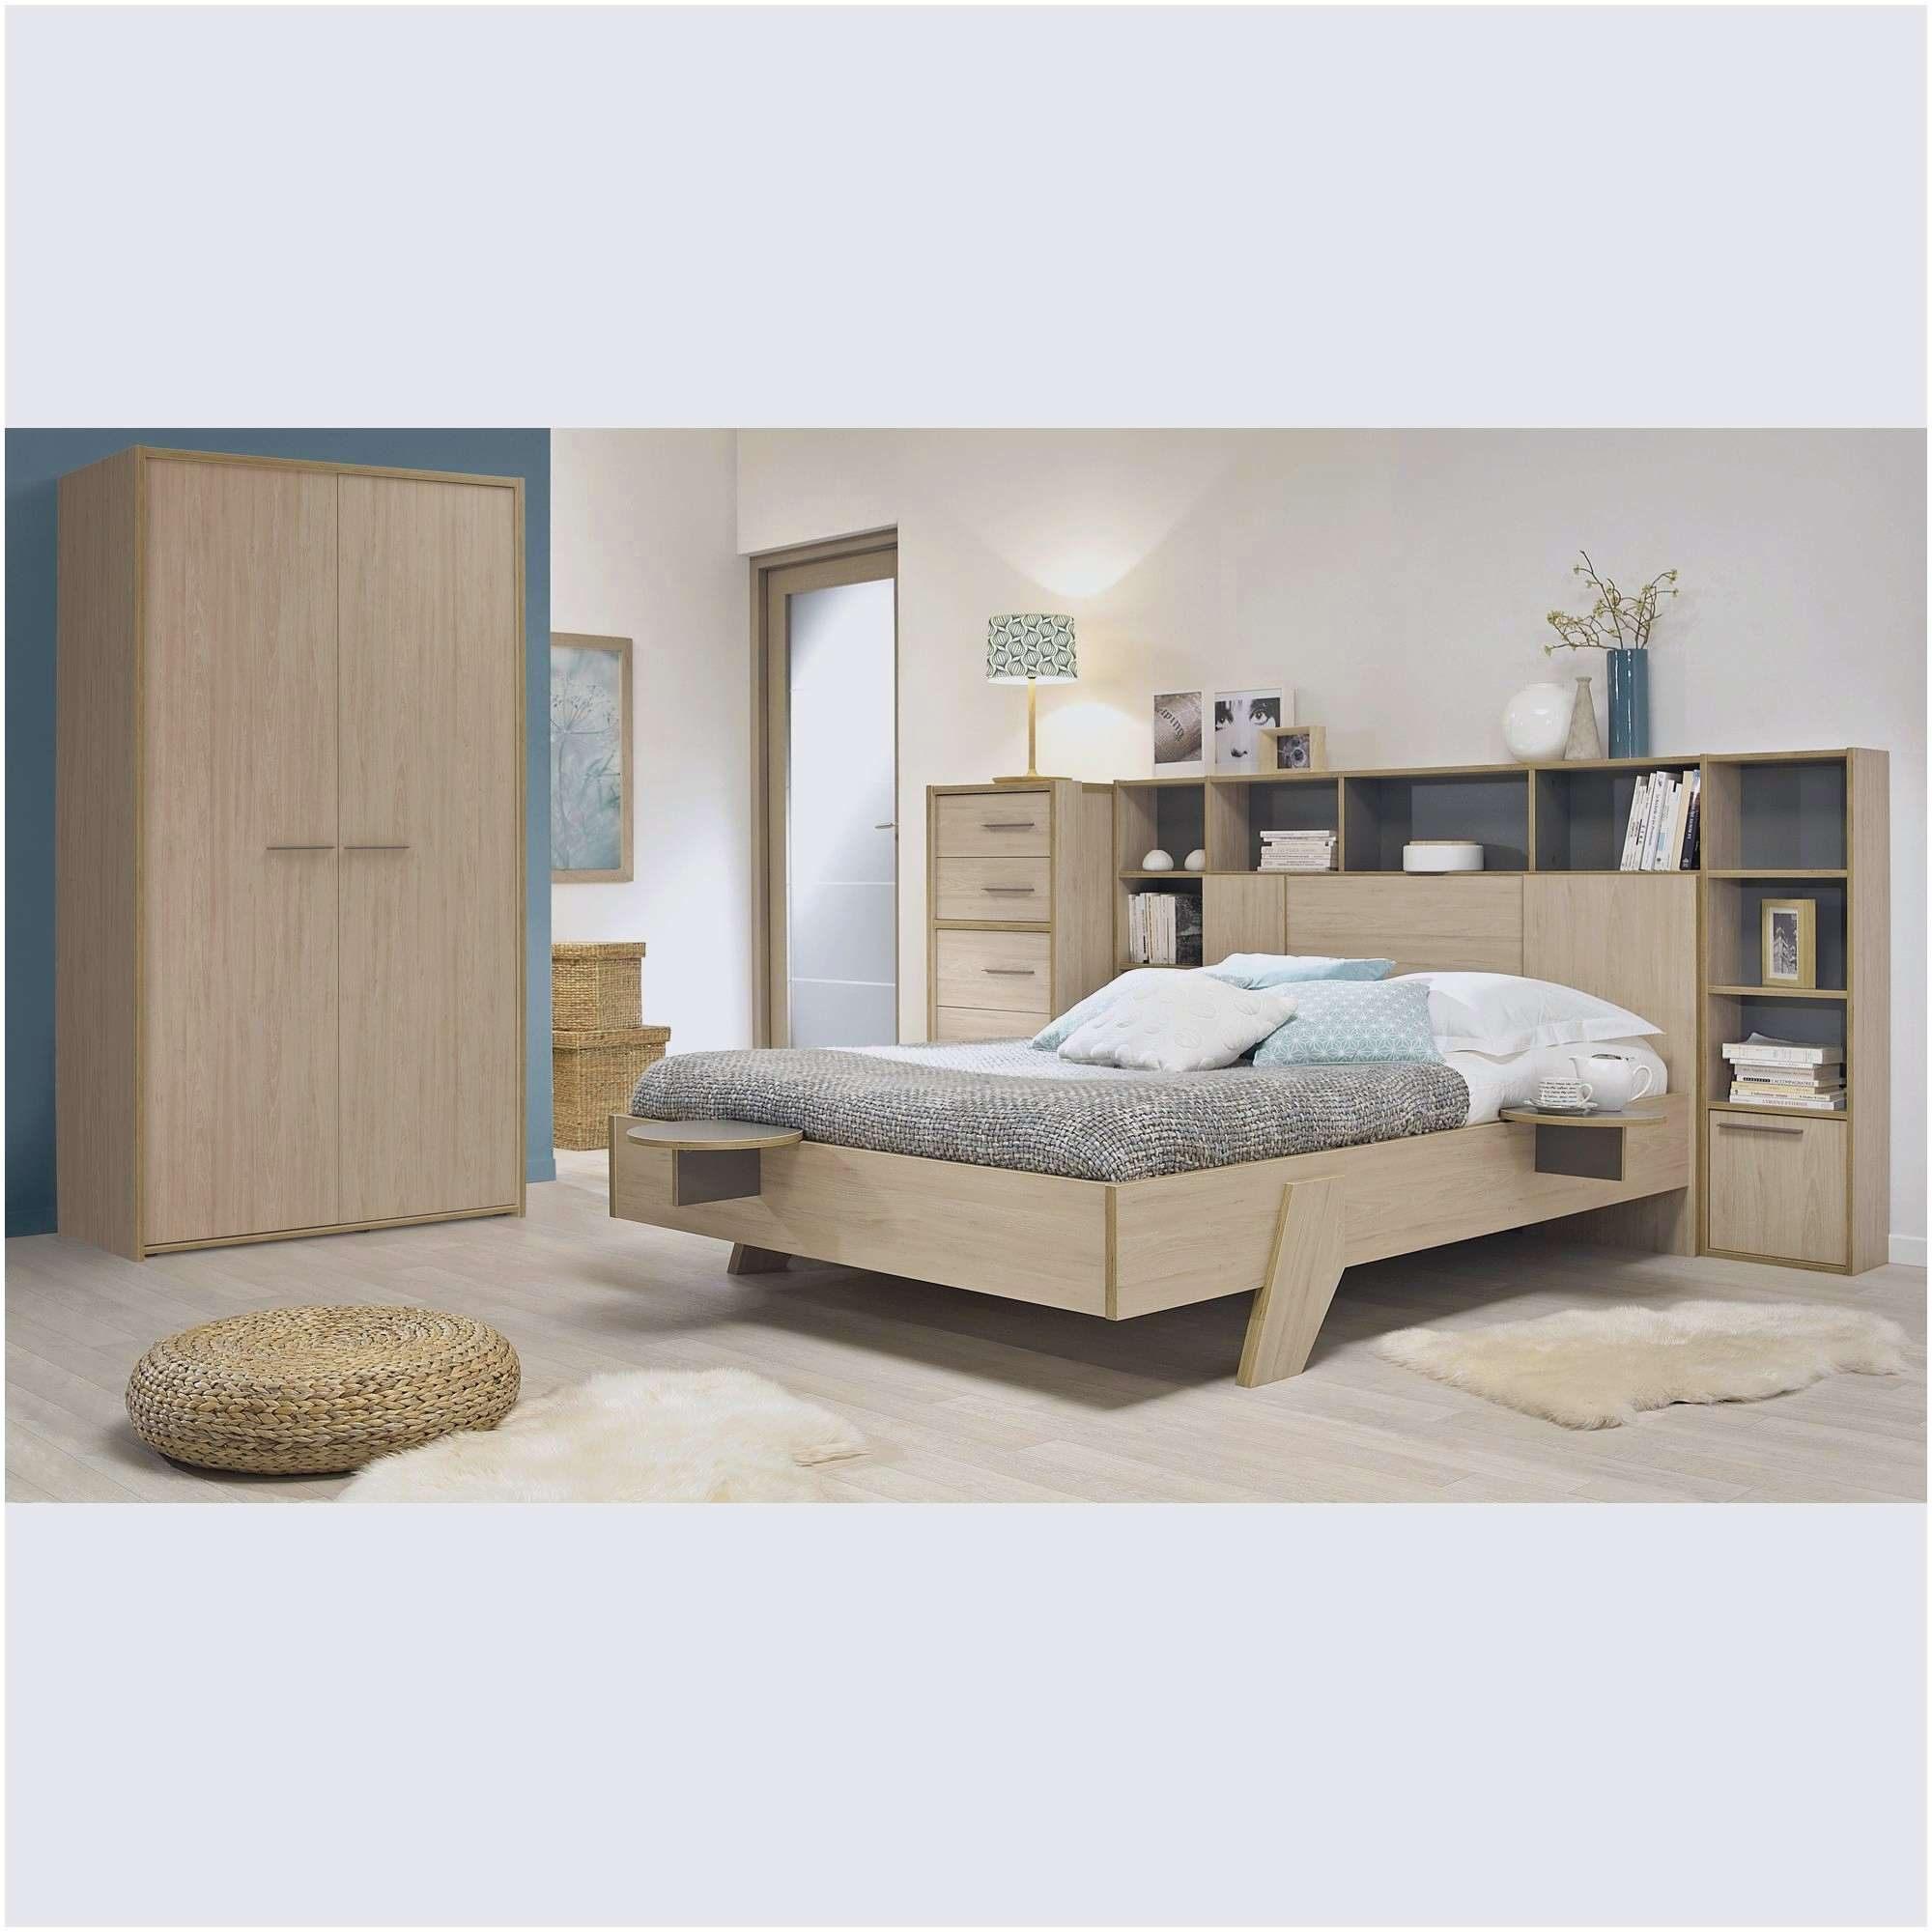 tete de lit 140 avec rangement g nial nouveau tete lit. Black Bedroom Furniture Sets. Home Design Ideas